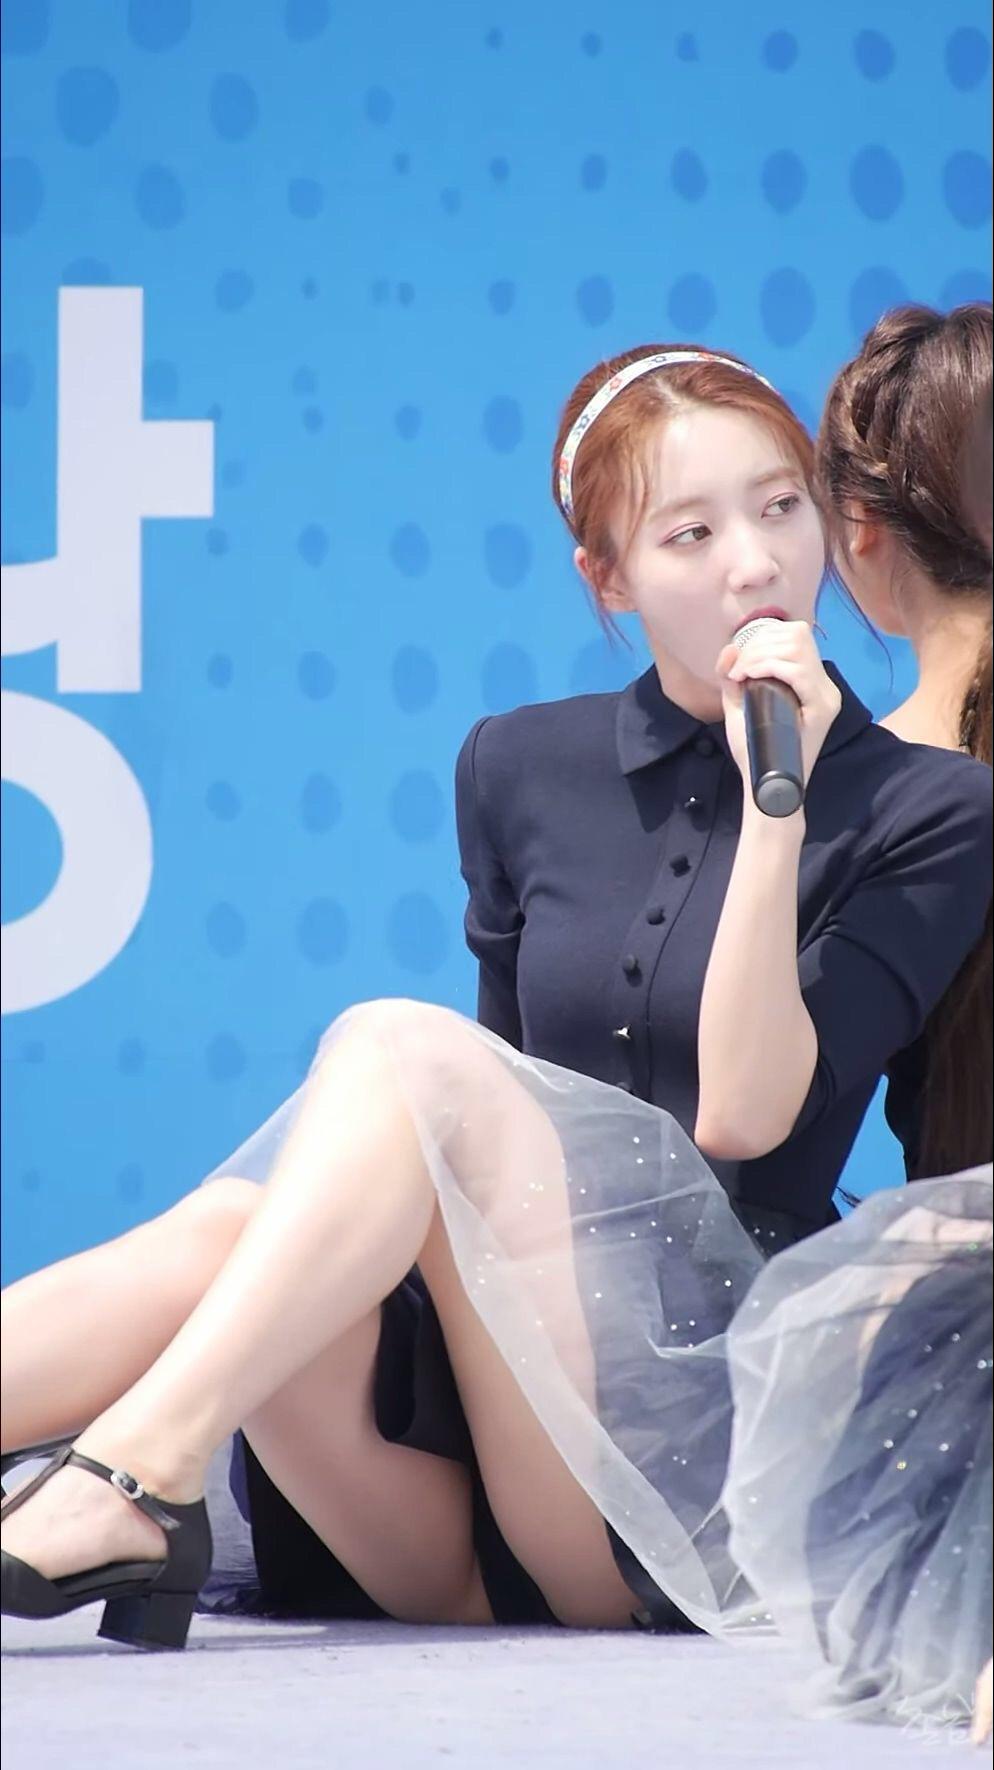 韓国のアイドルグループOH MY GIRLがパンチラ見せまくりであざとくエロアピール